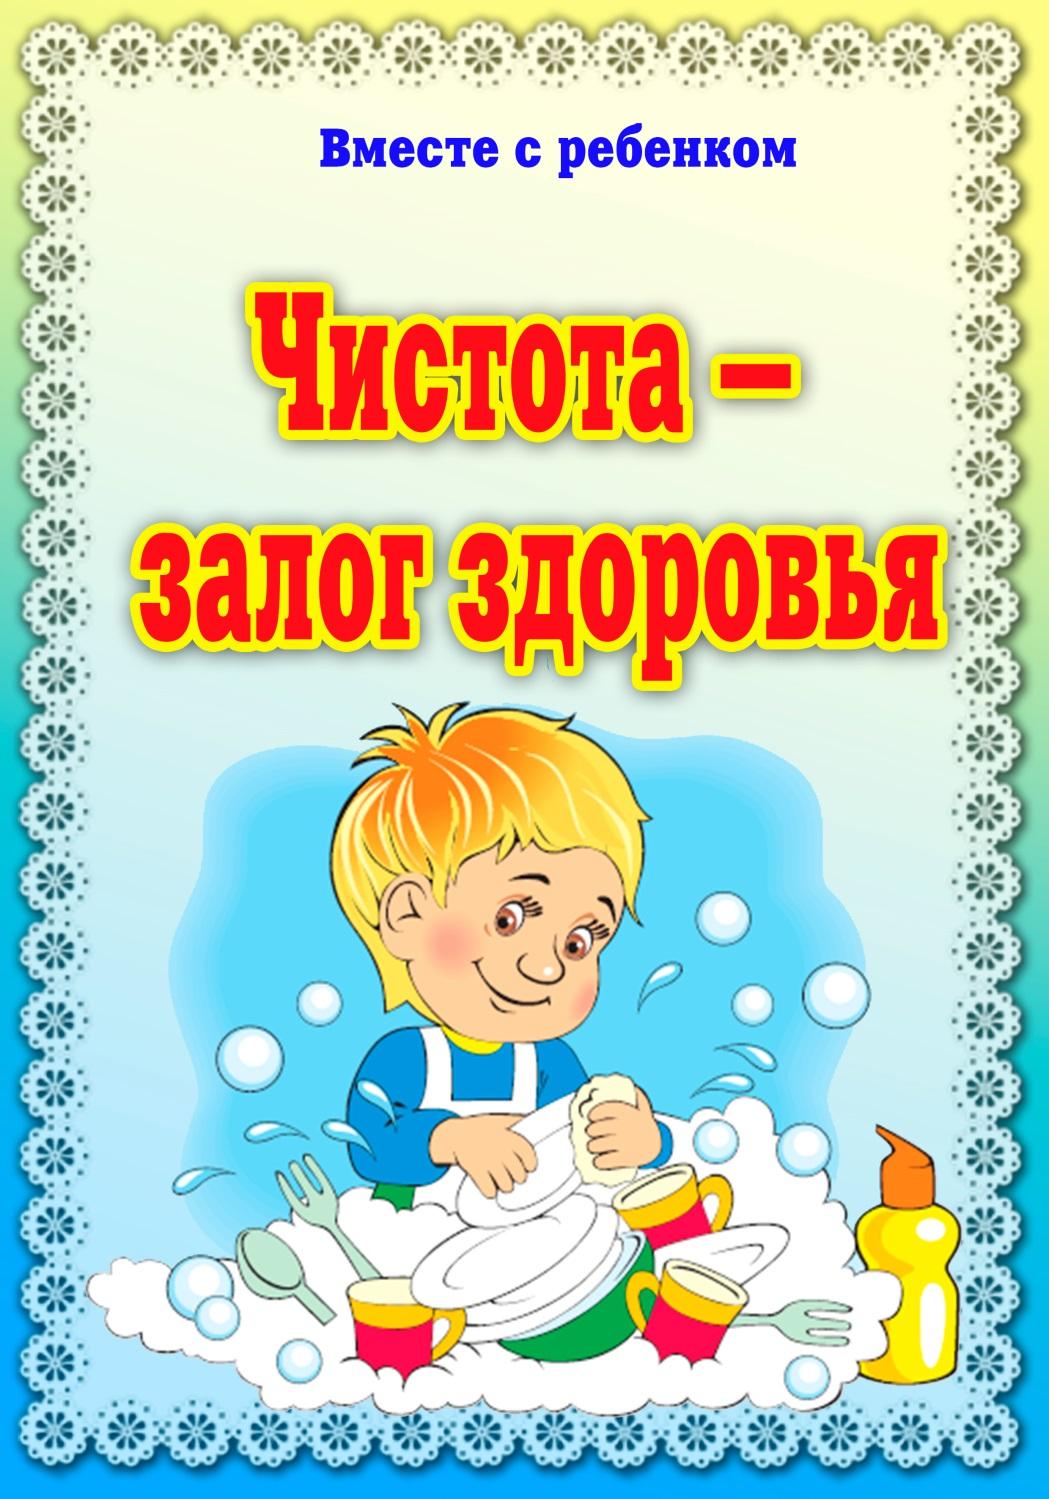 Картинки о здоровье с надписями для детей